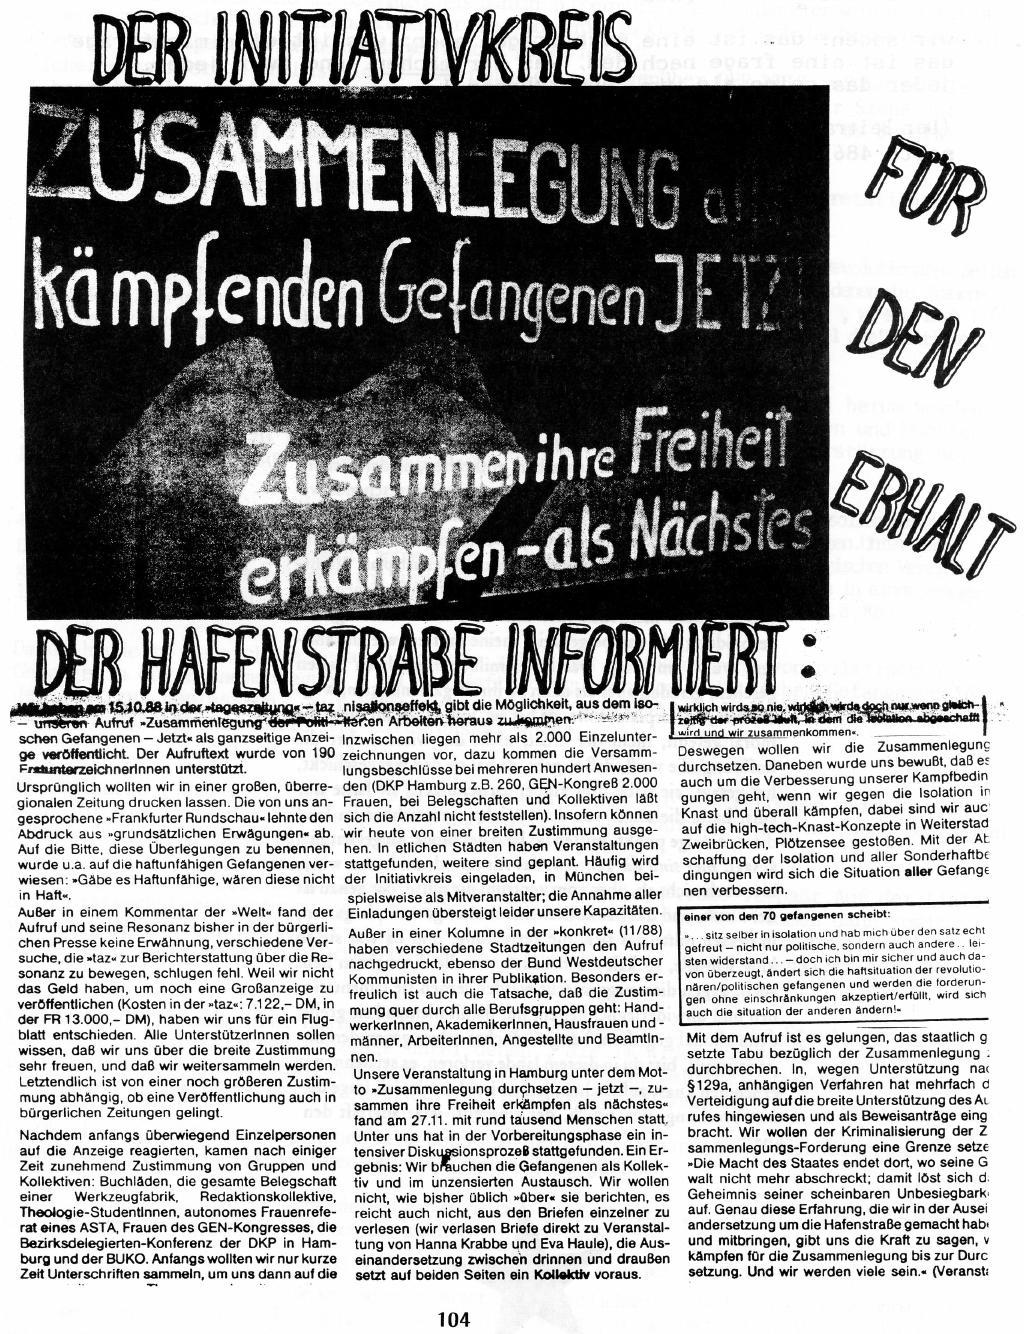 Duesseldorf_1989_Sechs_Politische_Gefangene_104